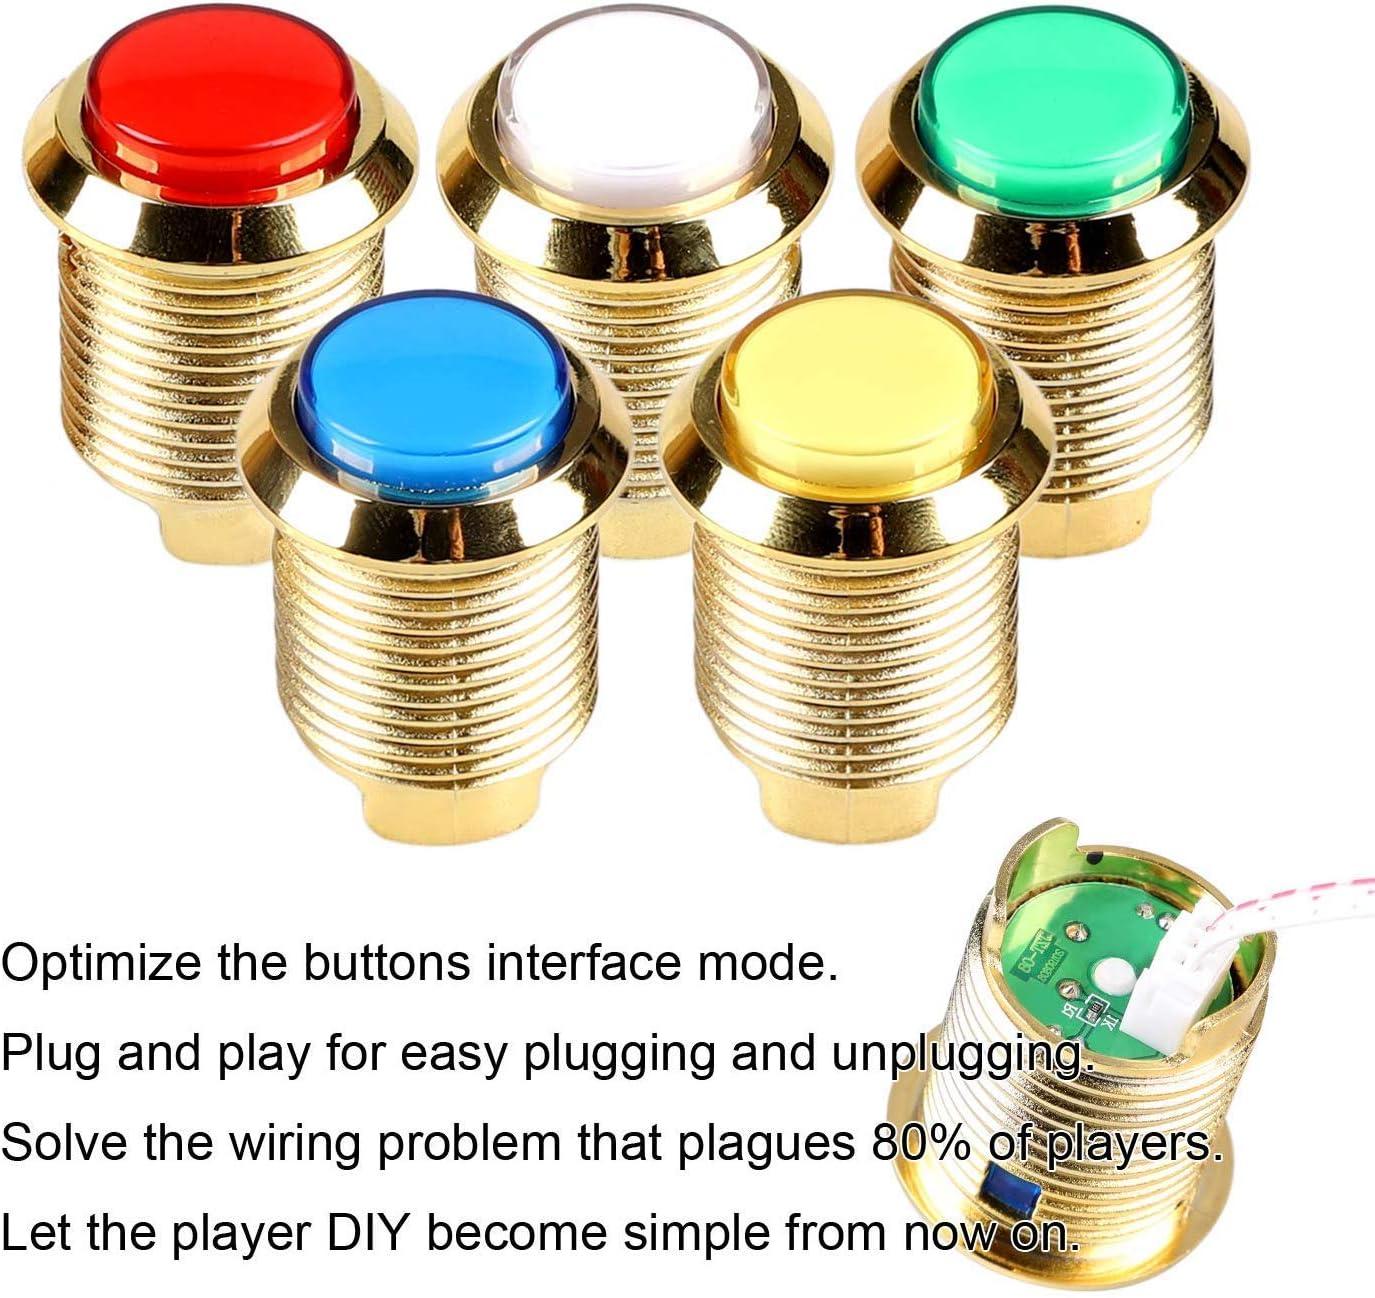 con pulsanti luminosi EG STARTS compatibili con Arcade placcati oro e cromati cavo piccolo da 2,8 mm Cavi a 3 pin